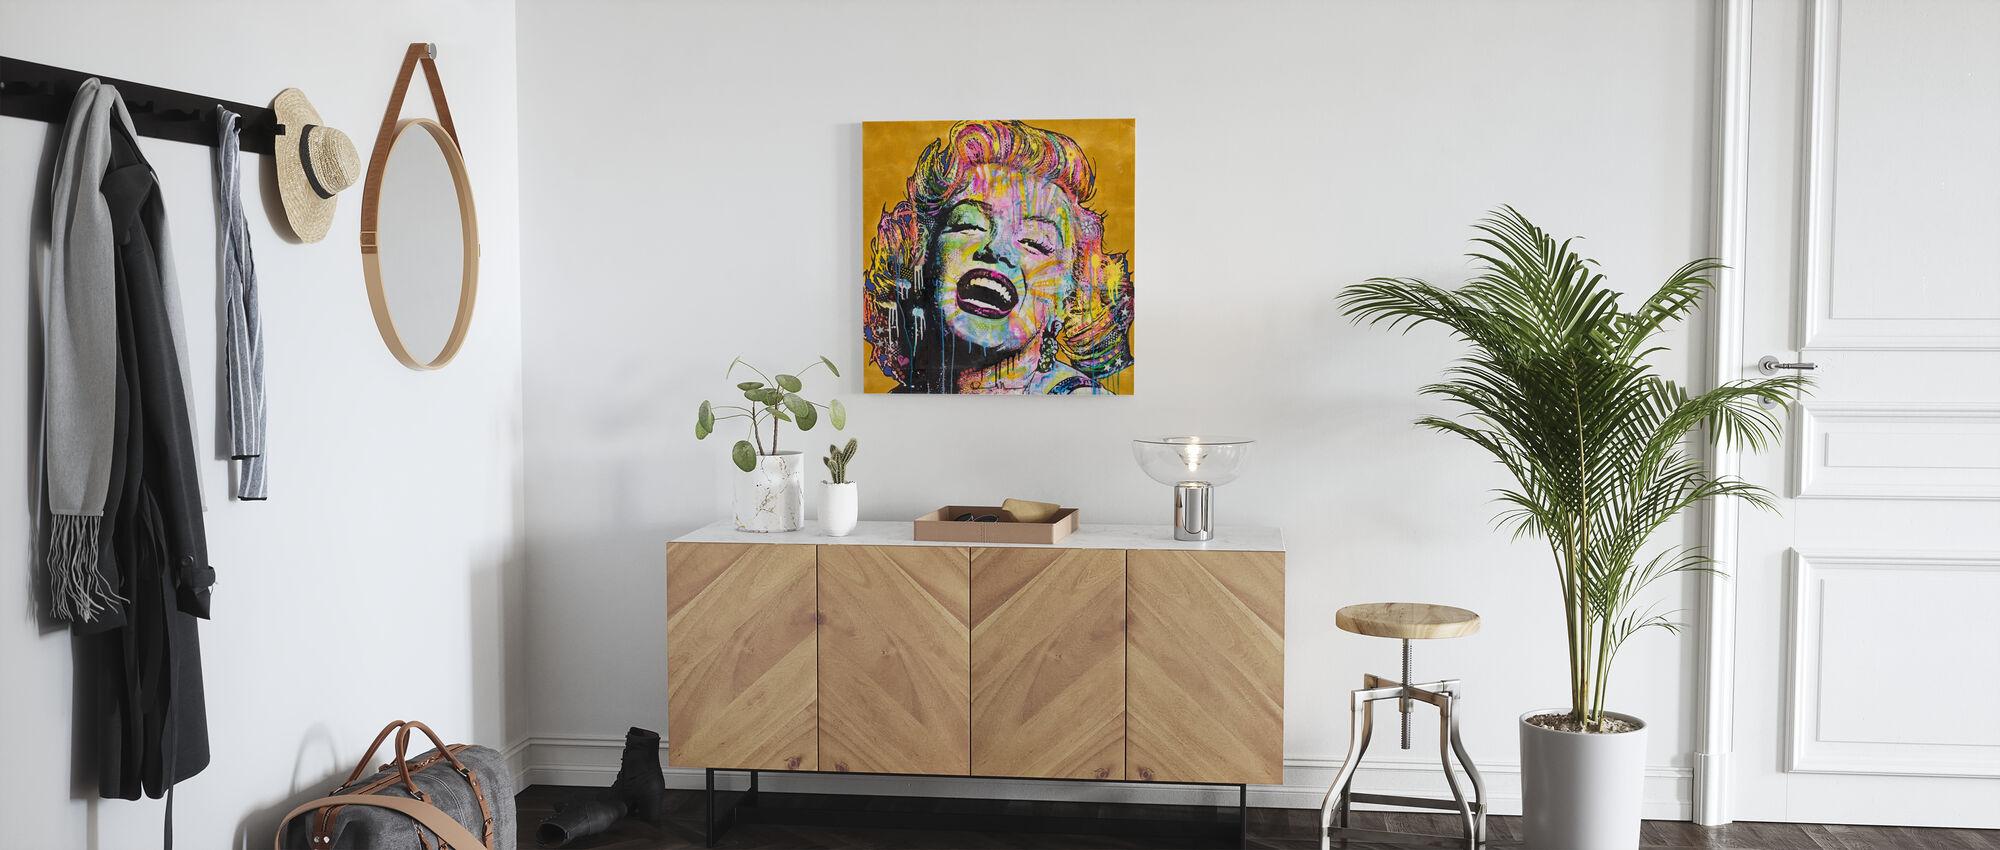 Marilyn Flerfarvet - Billede på lærred - Entré